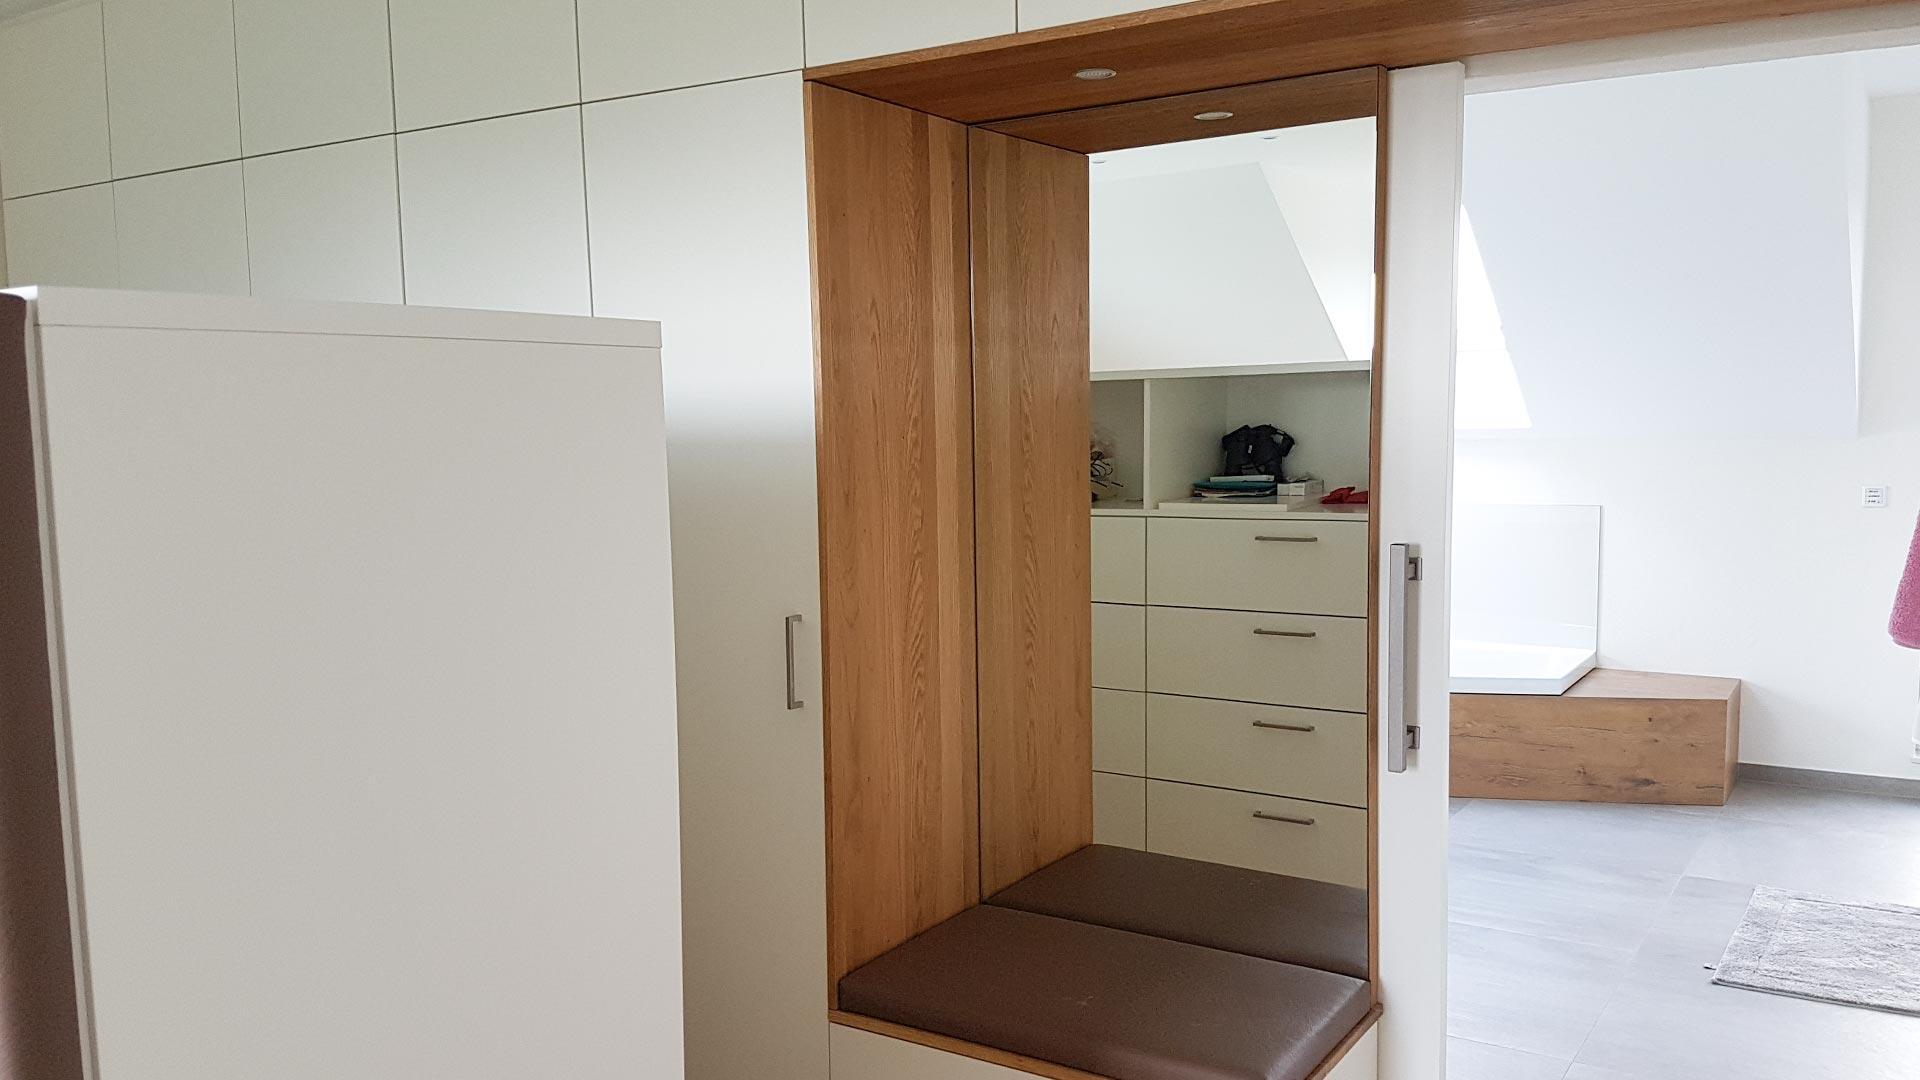 m bel nach ma vom waschtisch bis zum mediam bel referenzen hammer margrander interior. Black Bedroom Furniture Sets. Home Design Ideas